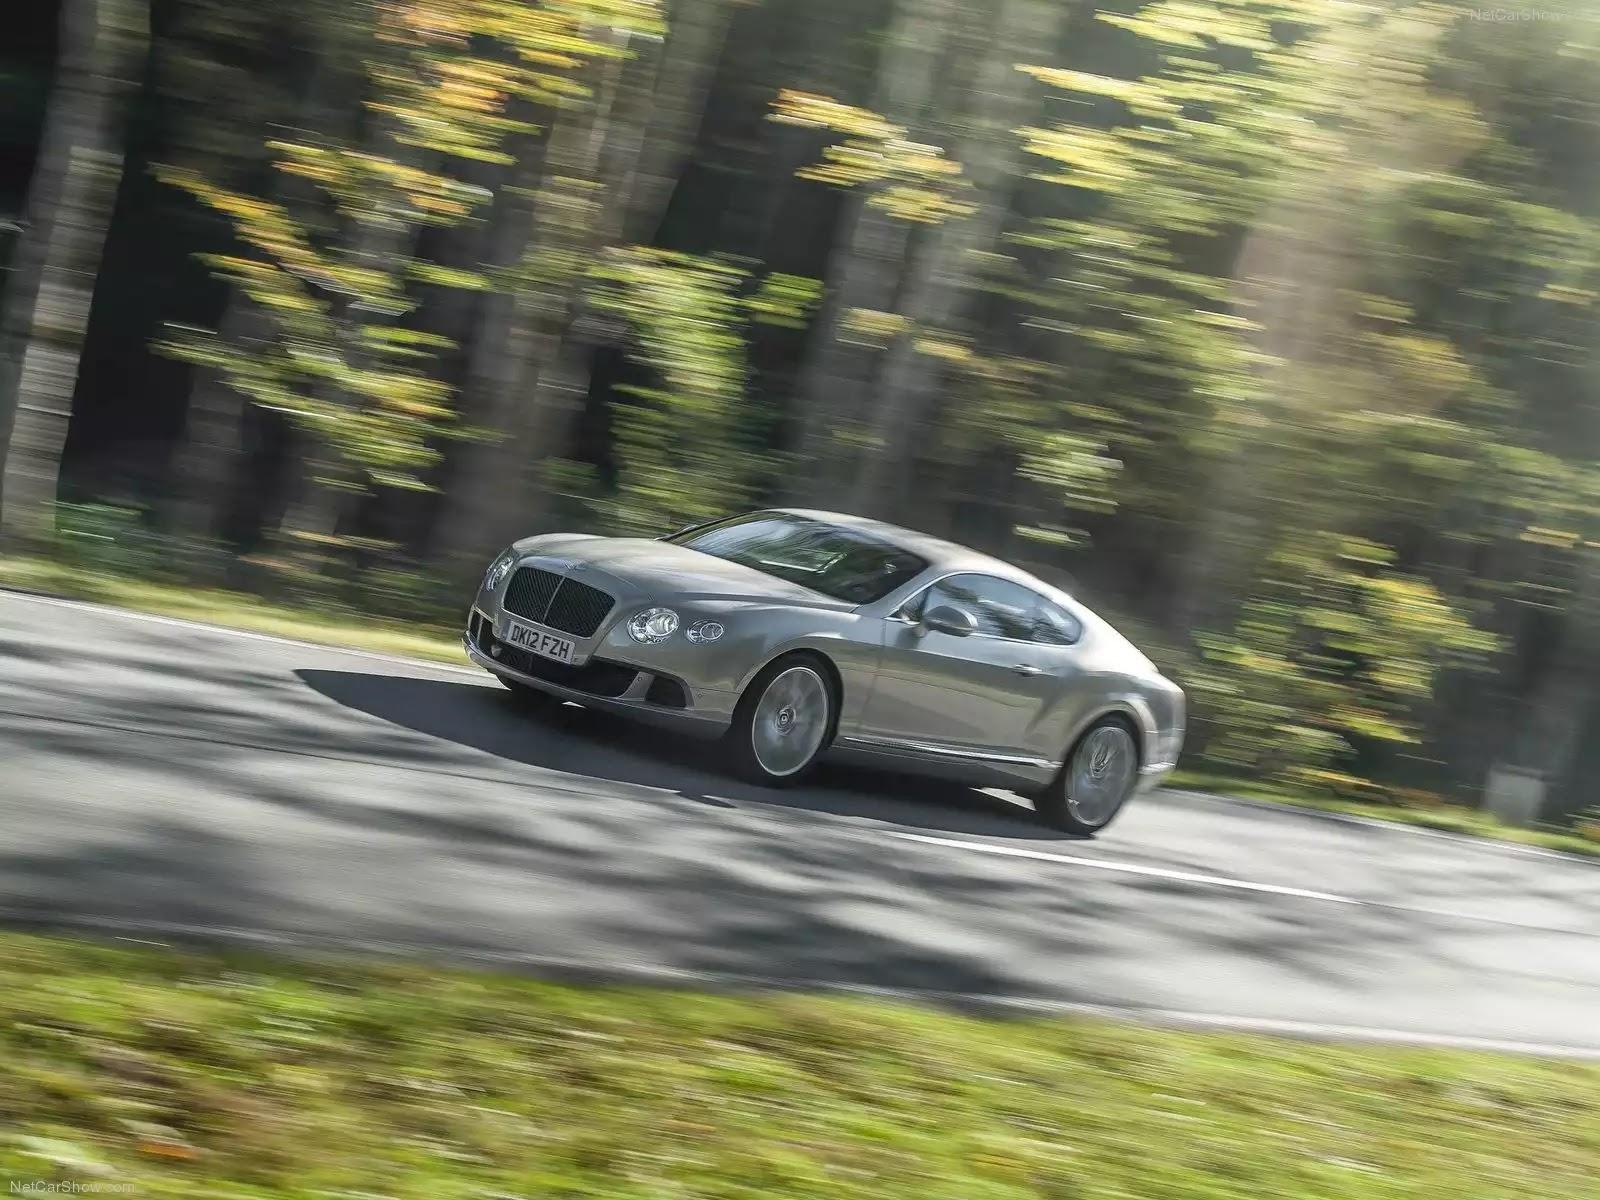 Hình ảnh xe ô tô Bentley Continental GT Speed 2013 & nội ngoại thất